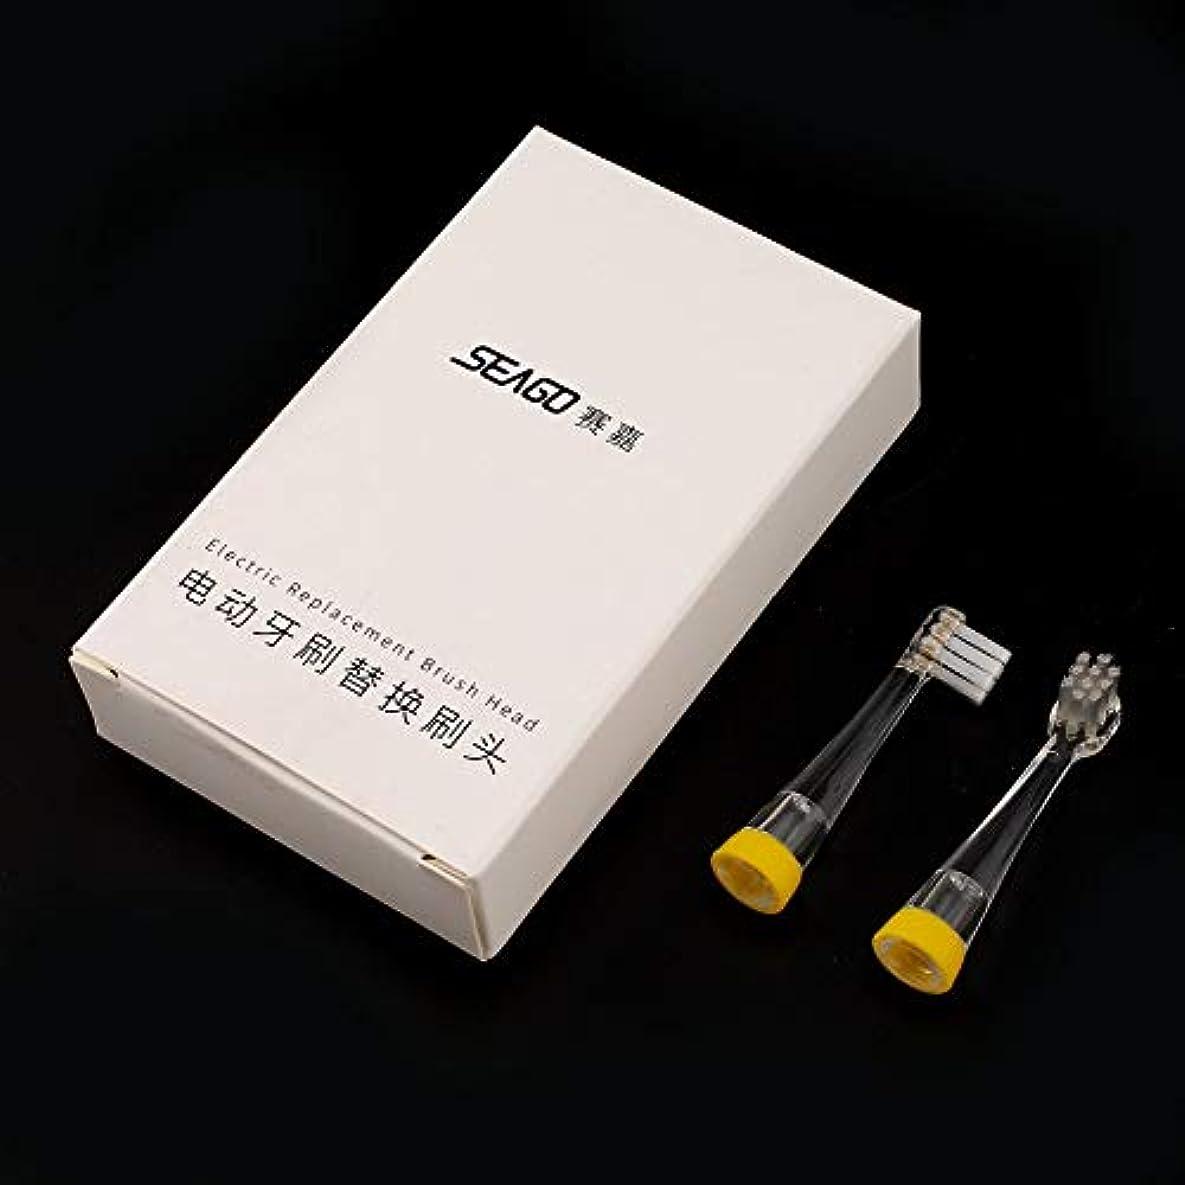 海里好奇心盛主婦2ピースポータブル電気交換ブラシヘッドシーゴSG-811子供電動歯ブラシソフトデュポンナイロン剛毛(Color:white & yellow)